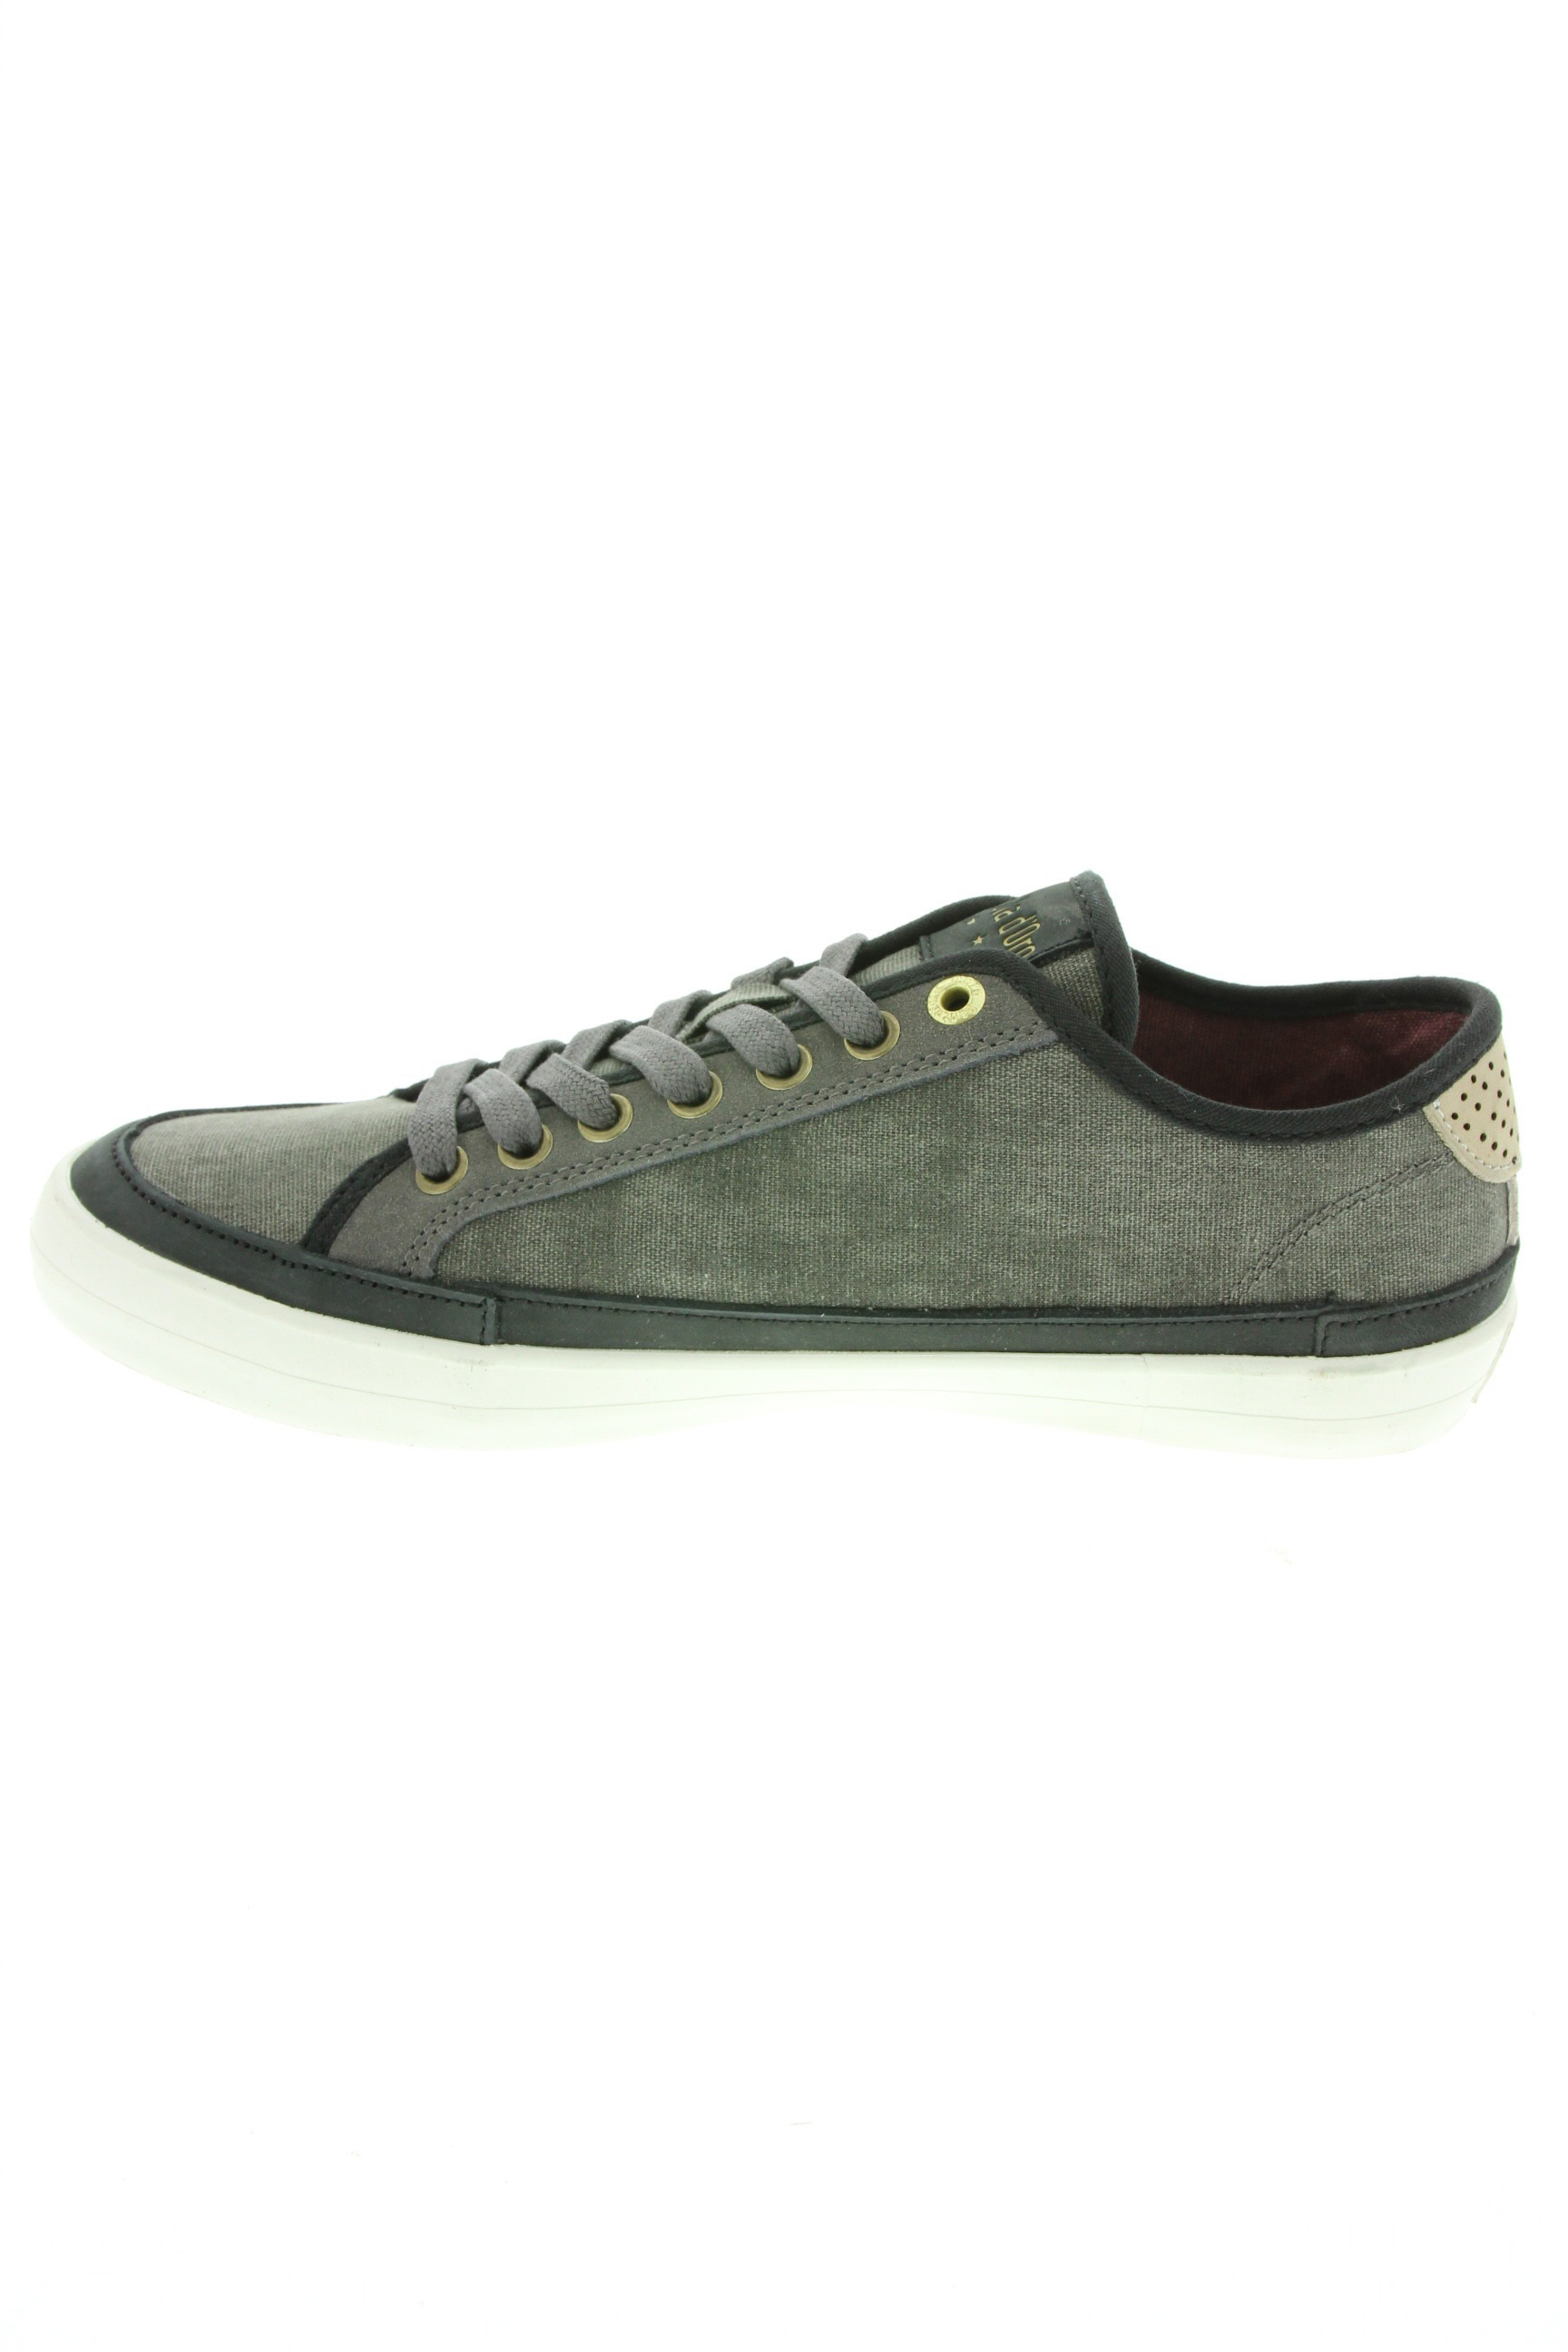 Pantofola D Oro Baskets Homme De Couleur Gris En Soldes Pas Cher 1431301-gris00